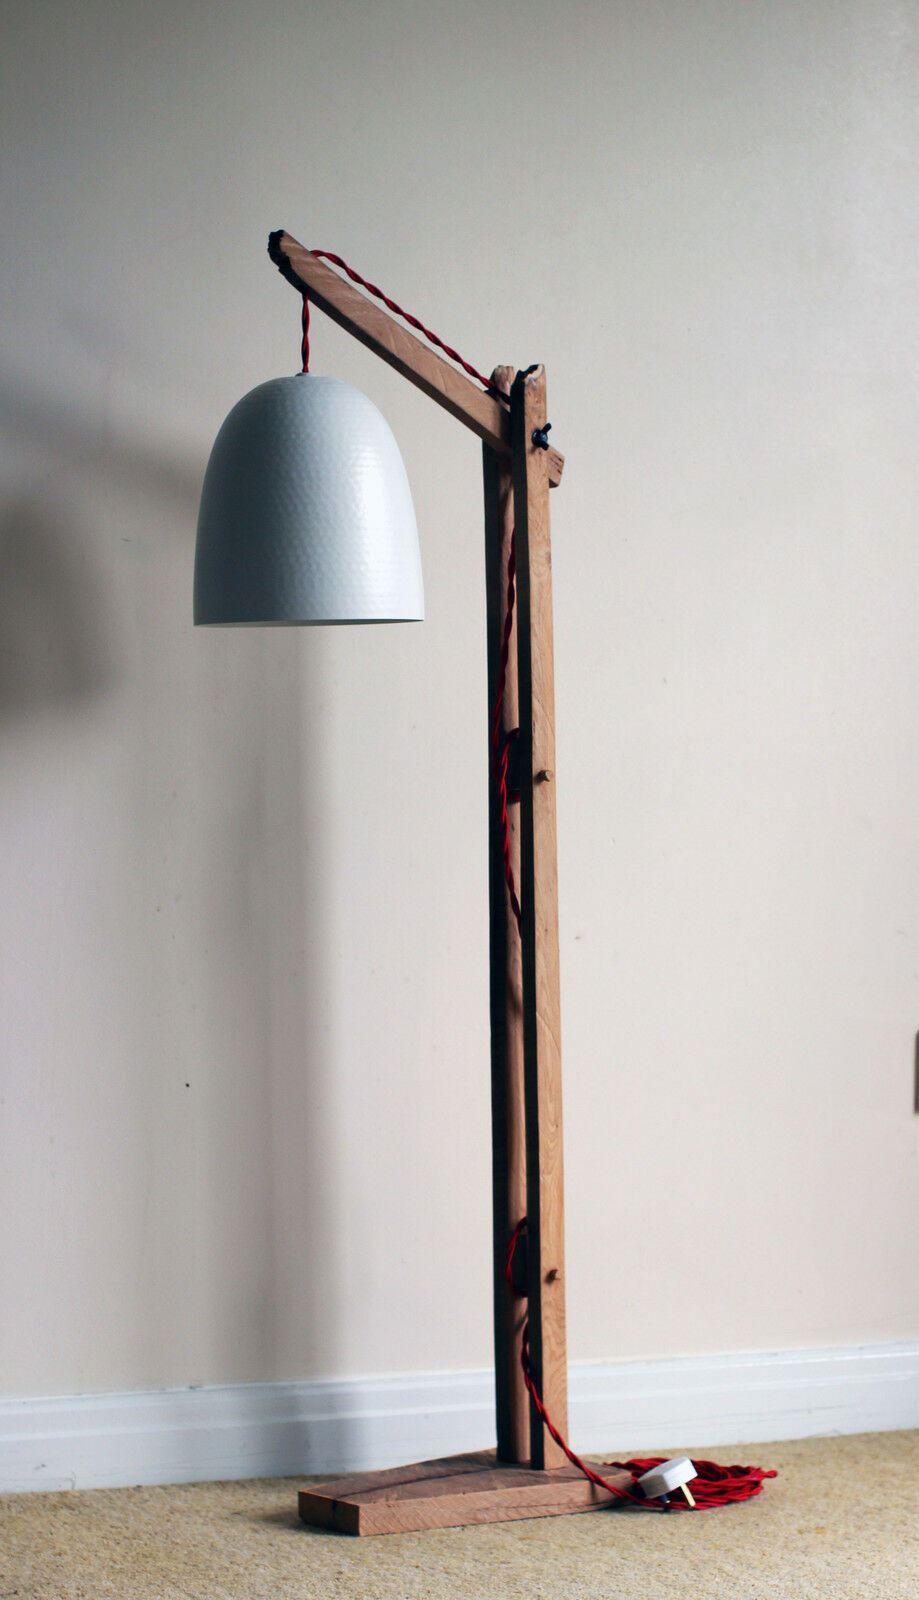 Vintage Wooden Stand Lamp Floor Lamp Standing Wooden